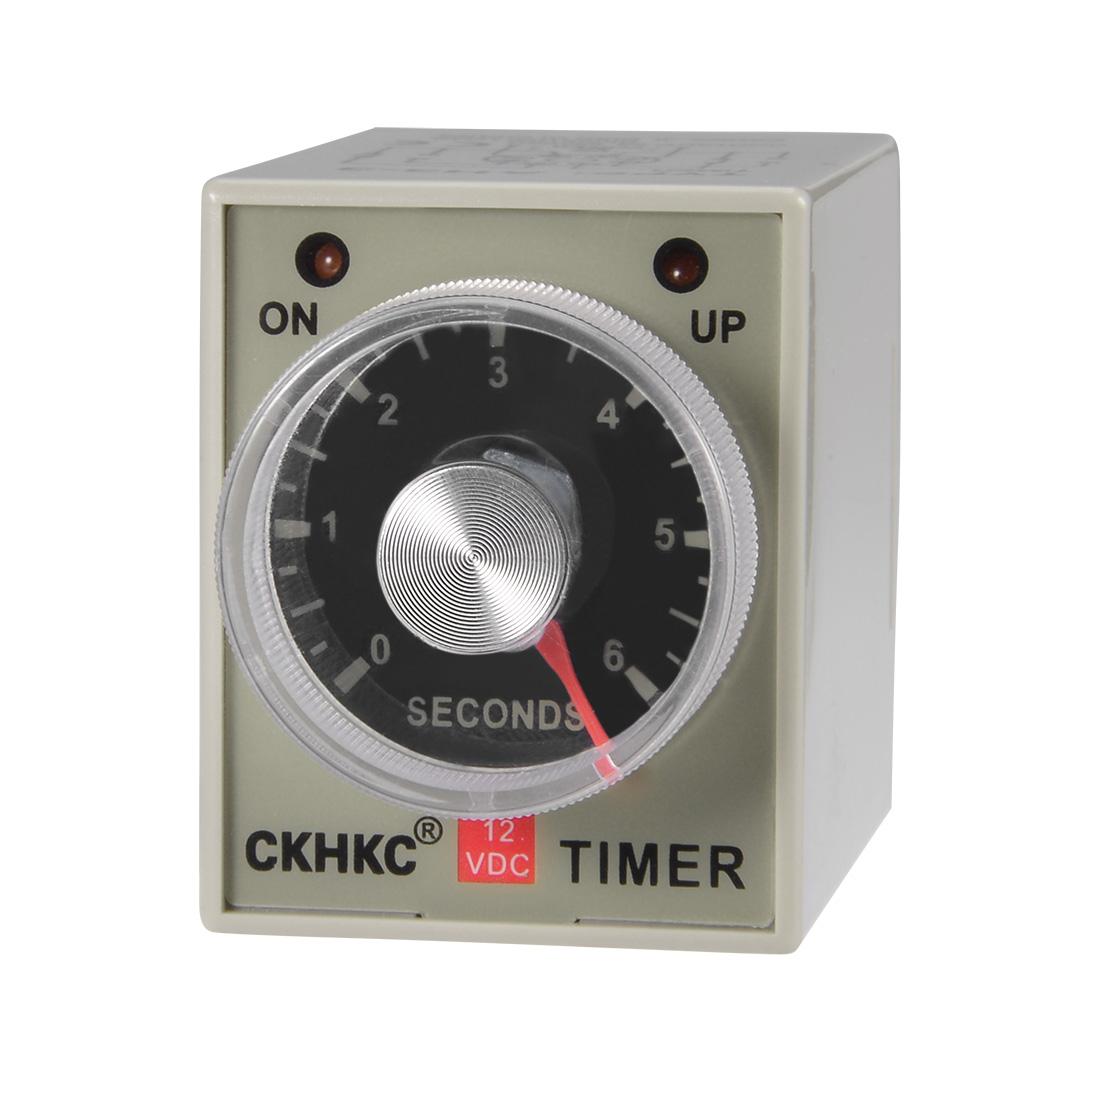 DC12V 6S 8 Terminals Range Adjustable Delay Timer Time Relay AH3-3